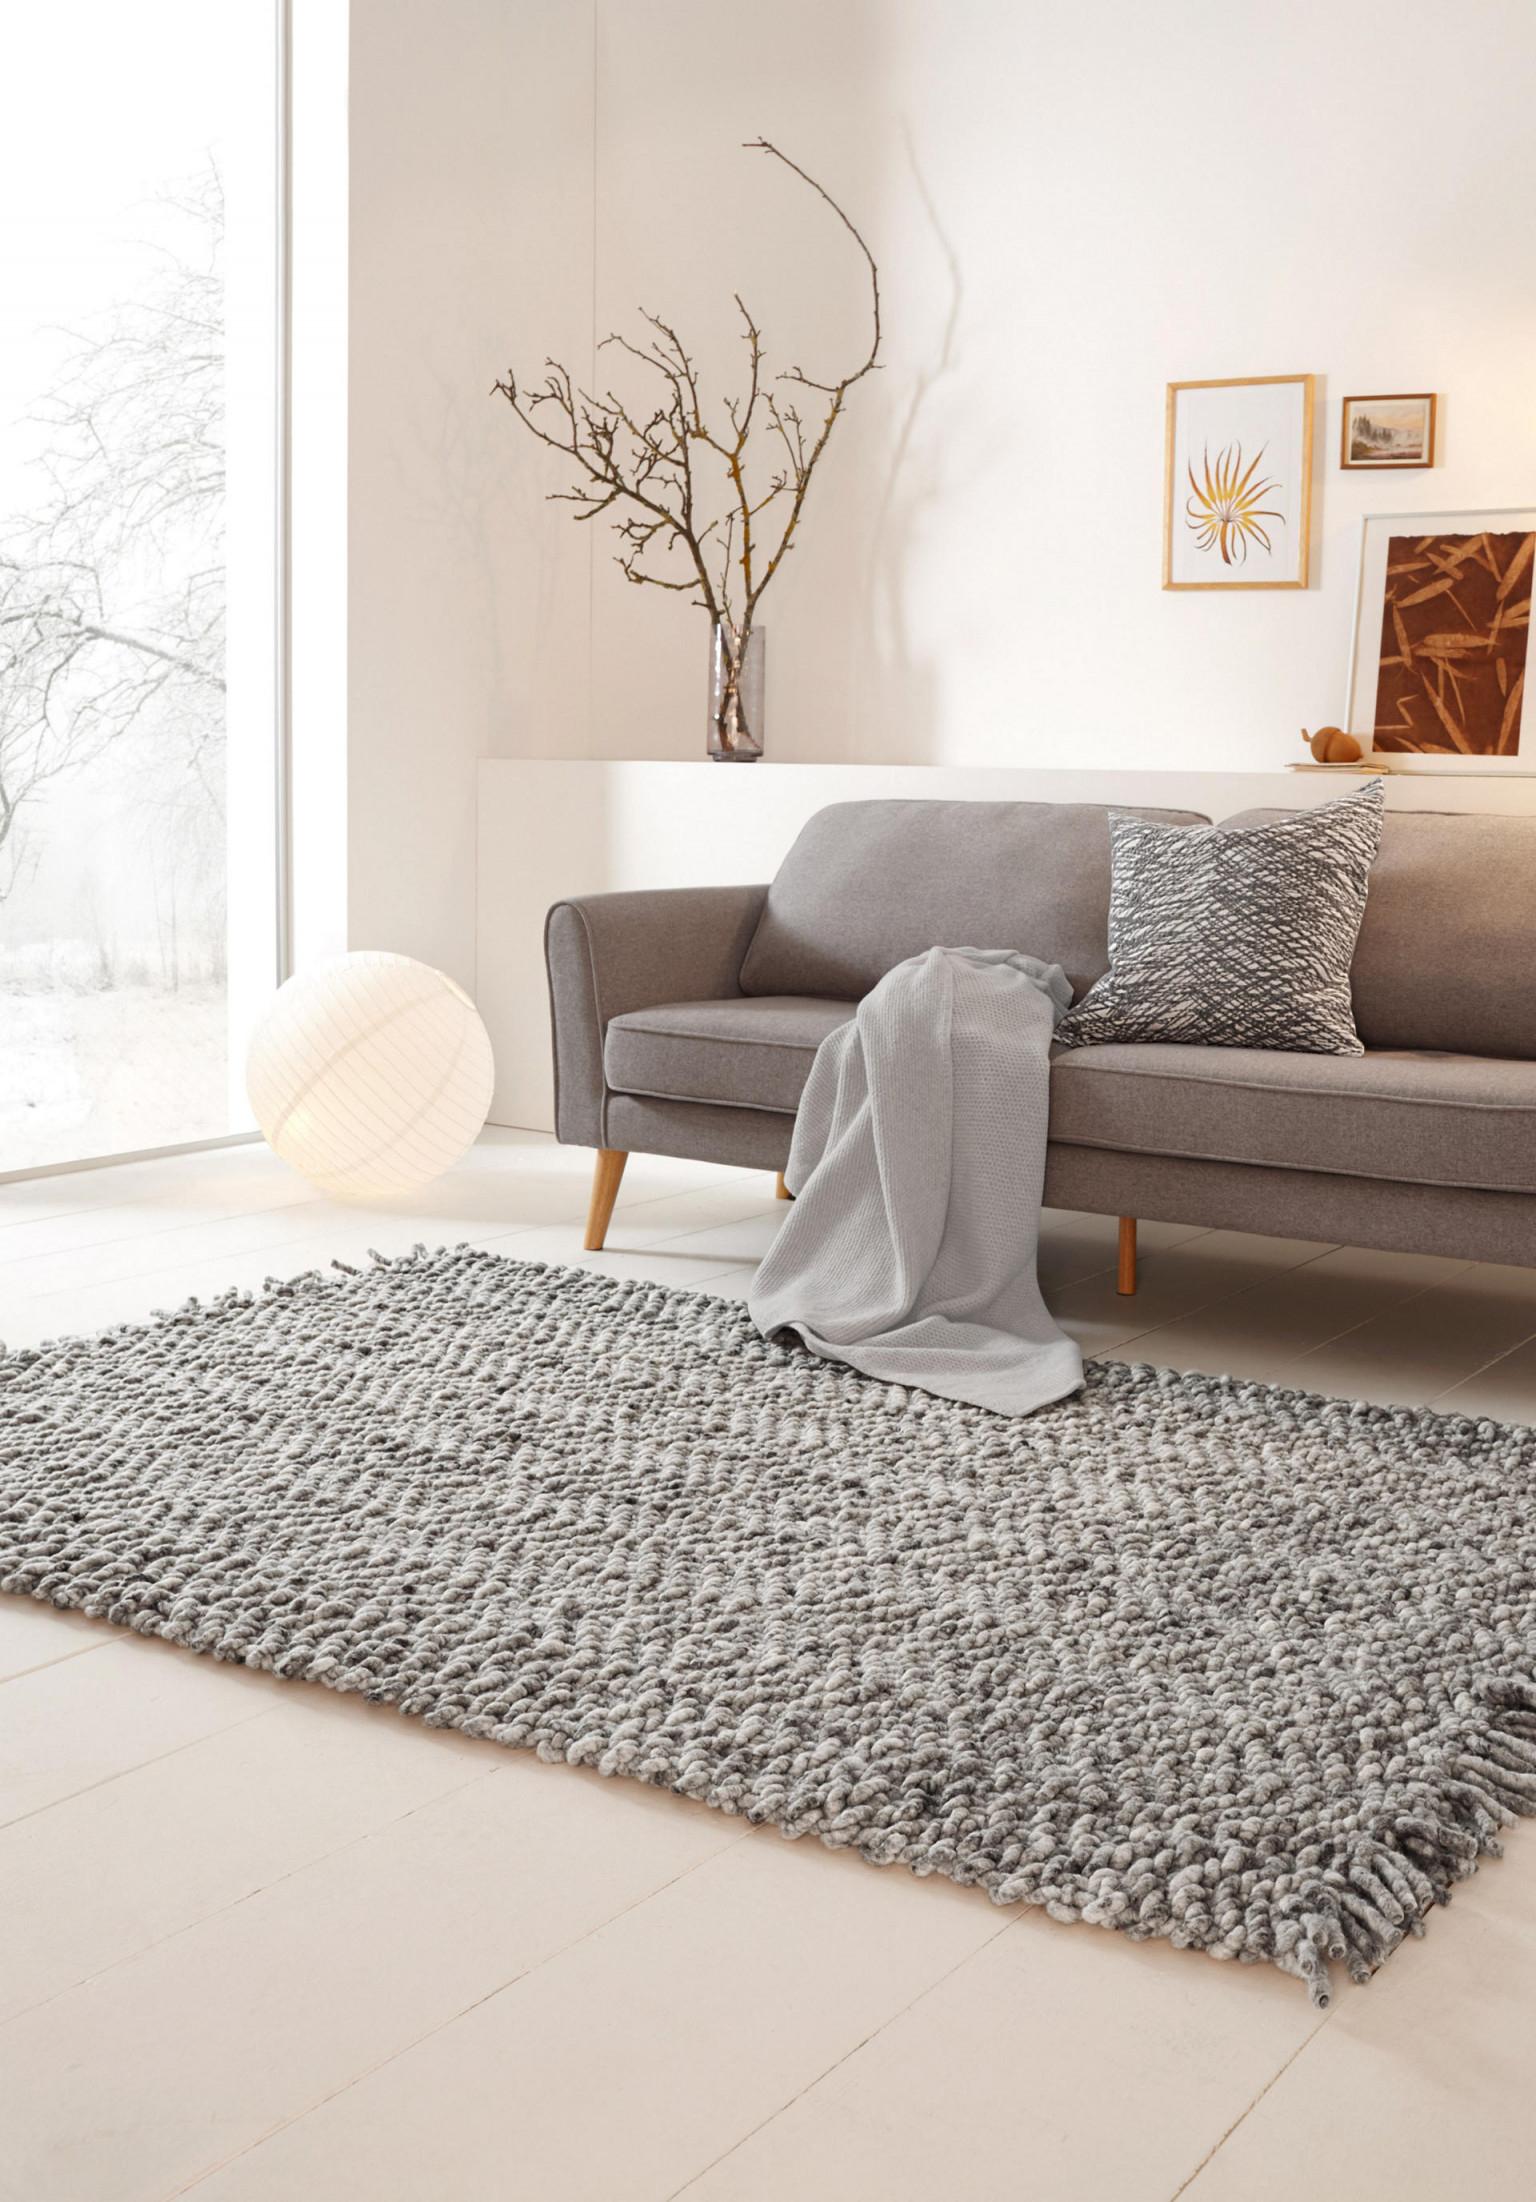 Ökologische Wohnzimmer Teppiche Wolle  Bio✓  Nachhaltig von Teppich Wohnzimmer Groß Bild